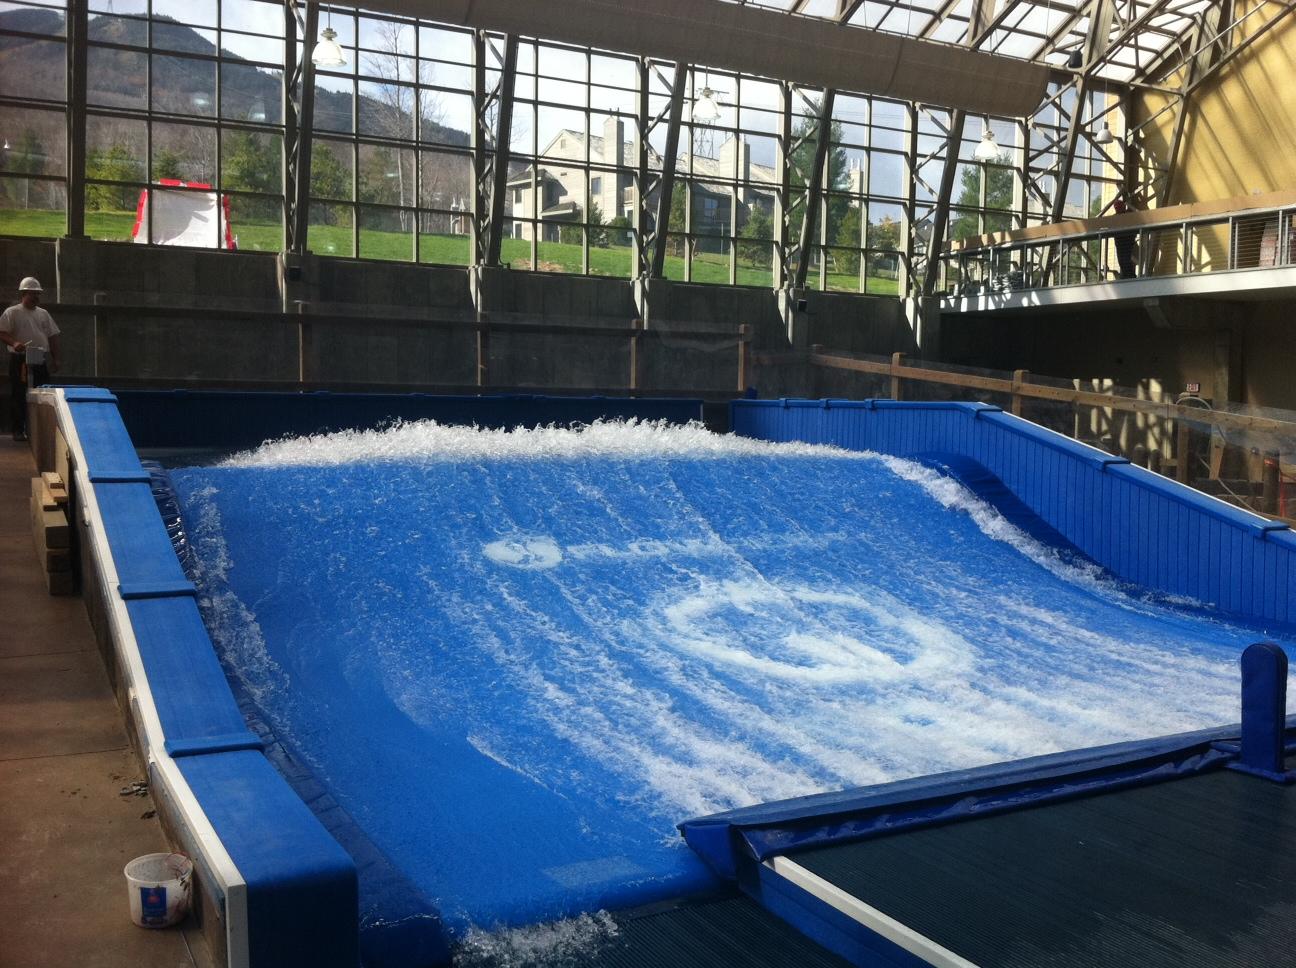 Jay Peak Water park